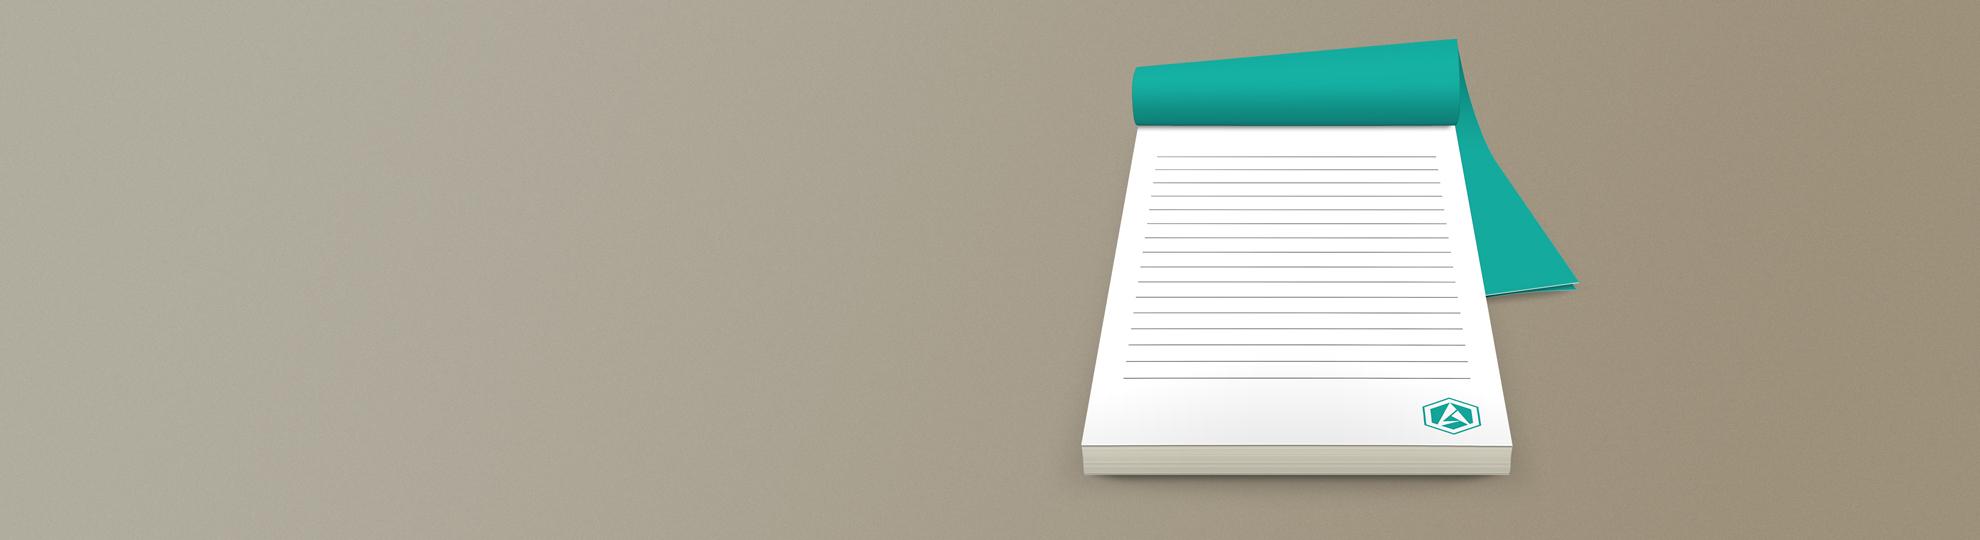 Impression bloc-note personnalisé papier recyclé